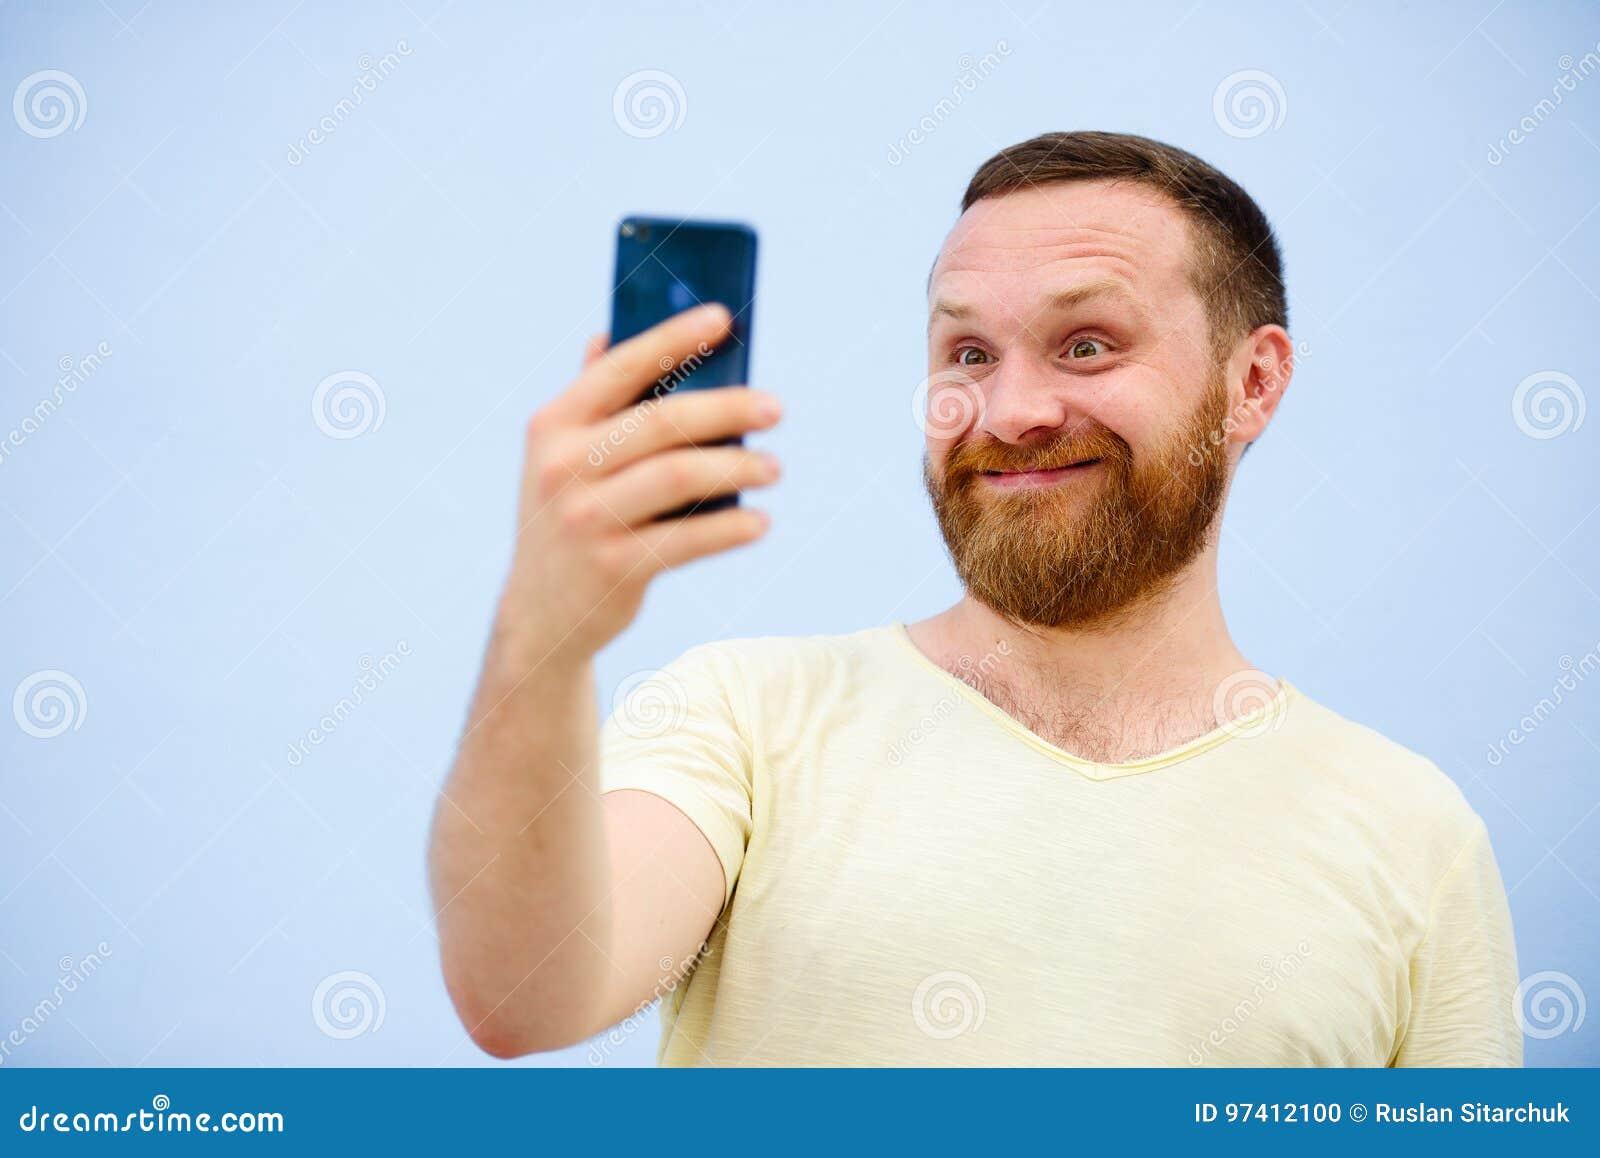 download Adult mobile adult fun humor